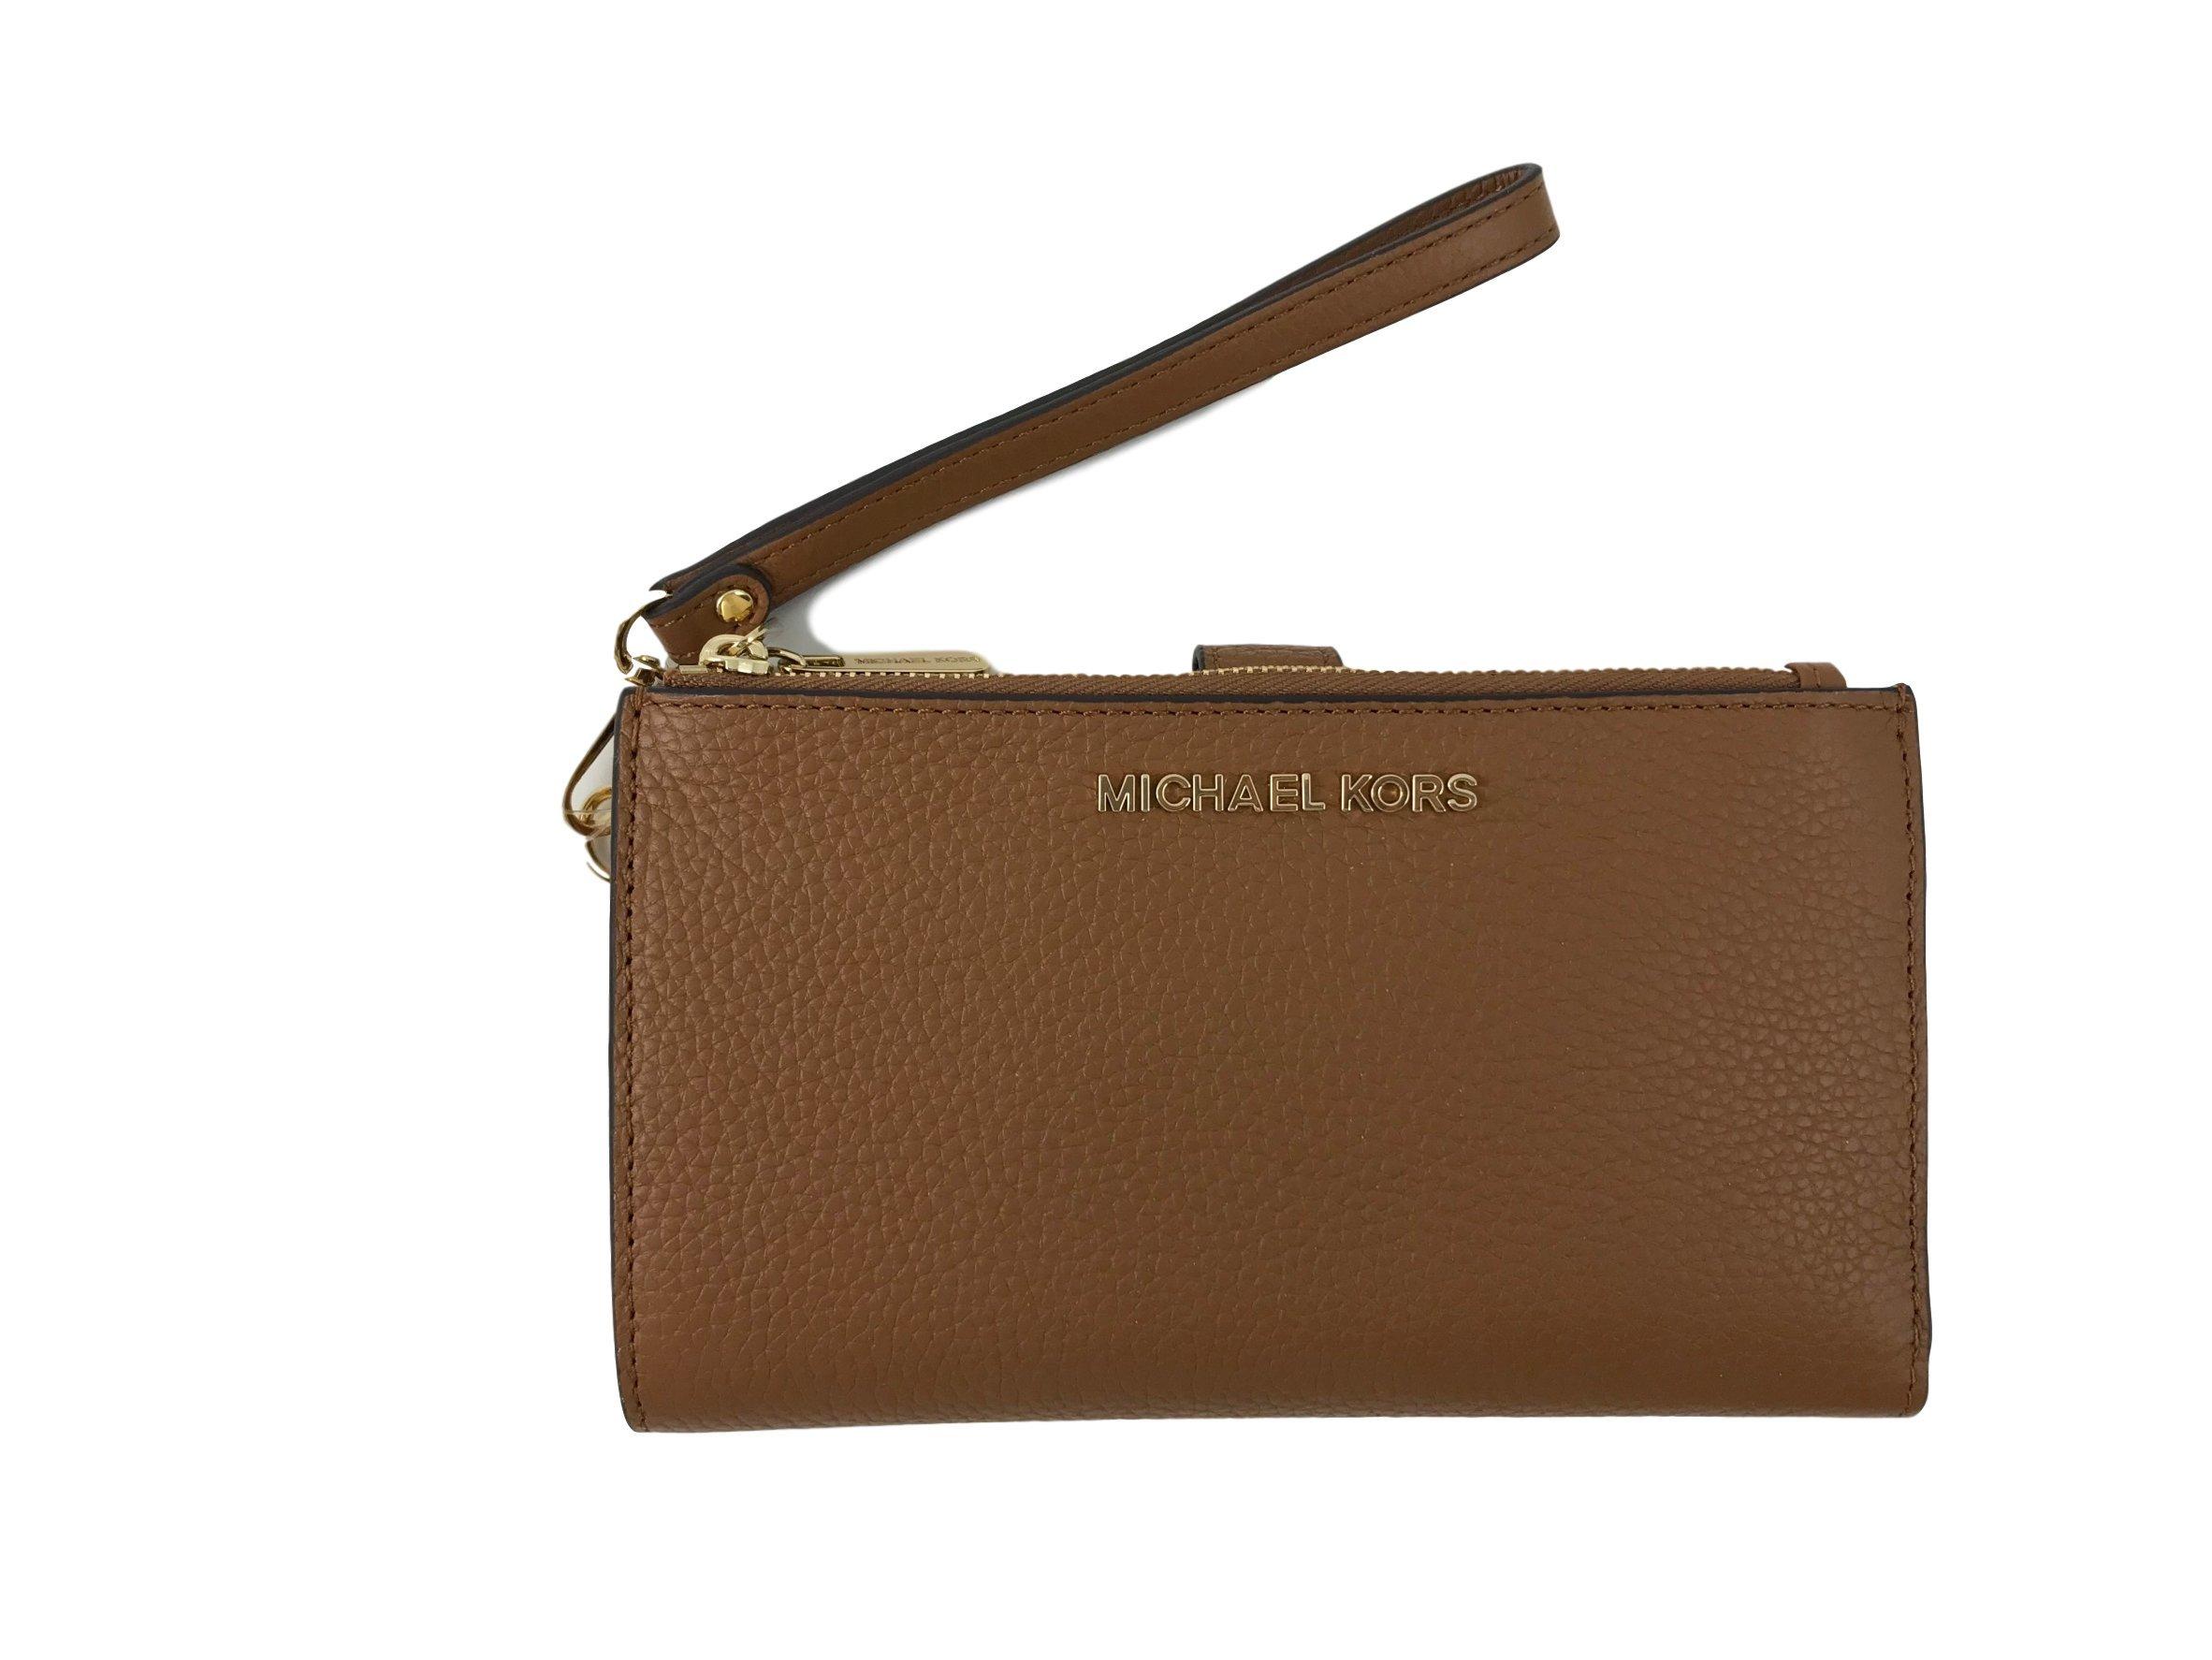 Michael Kors Jet Set Travel Double Zip Leather Wristlet Wallet in Acorn